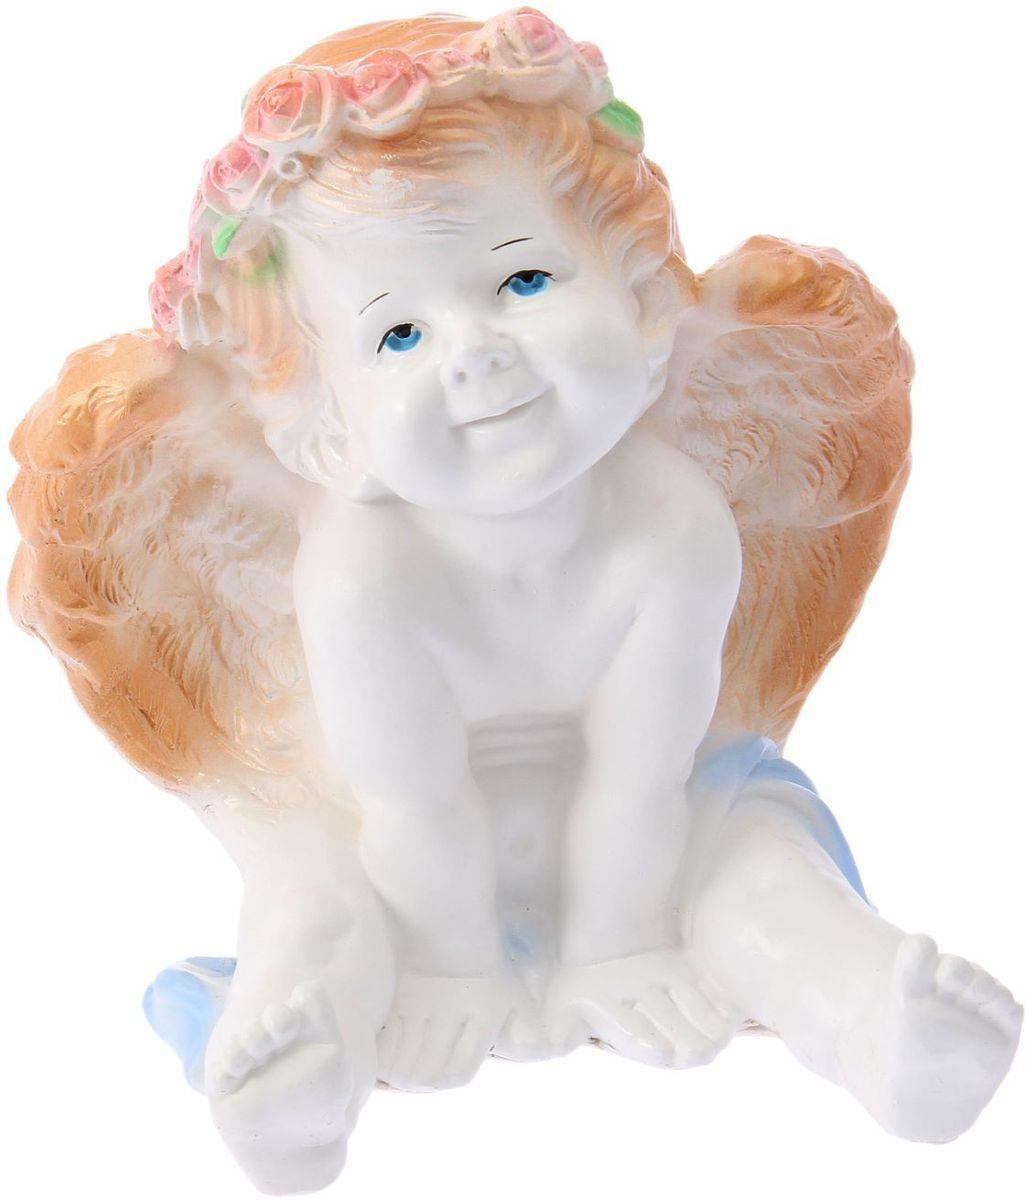 Фигура садовая Ангел карапуз сидя, цвет: белый, золотистый, 20 х 20 х 25 см1308957Фигура садовая Ангел карапуз сидя - этот сувенир выполнен из качественного гипса. Фигура будет хранить воспоминание о месте, где вы побывали, или о том человеке, который подарил данный предмет.